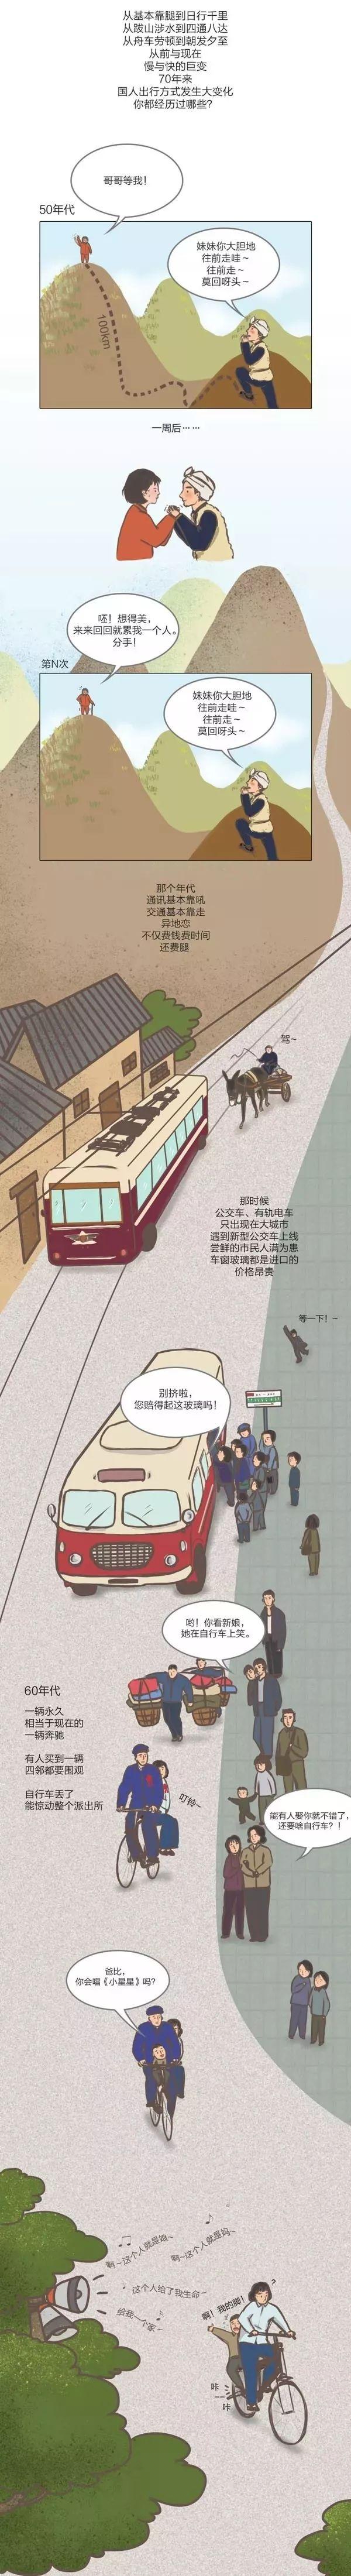 车马闹宫_【荐读】从前车马很慢,书信很远.